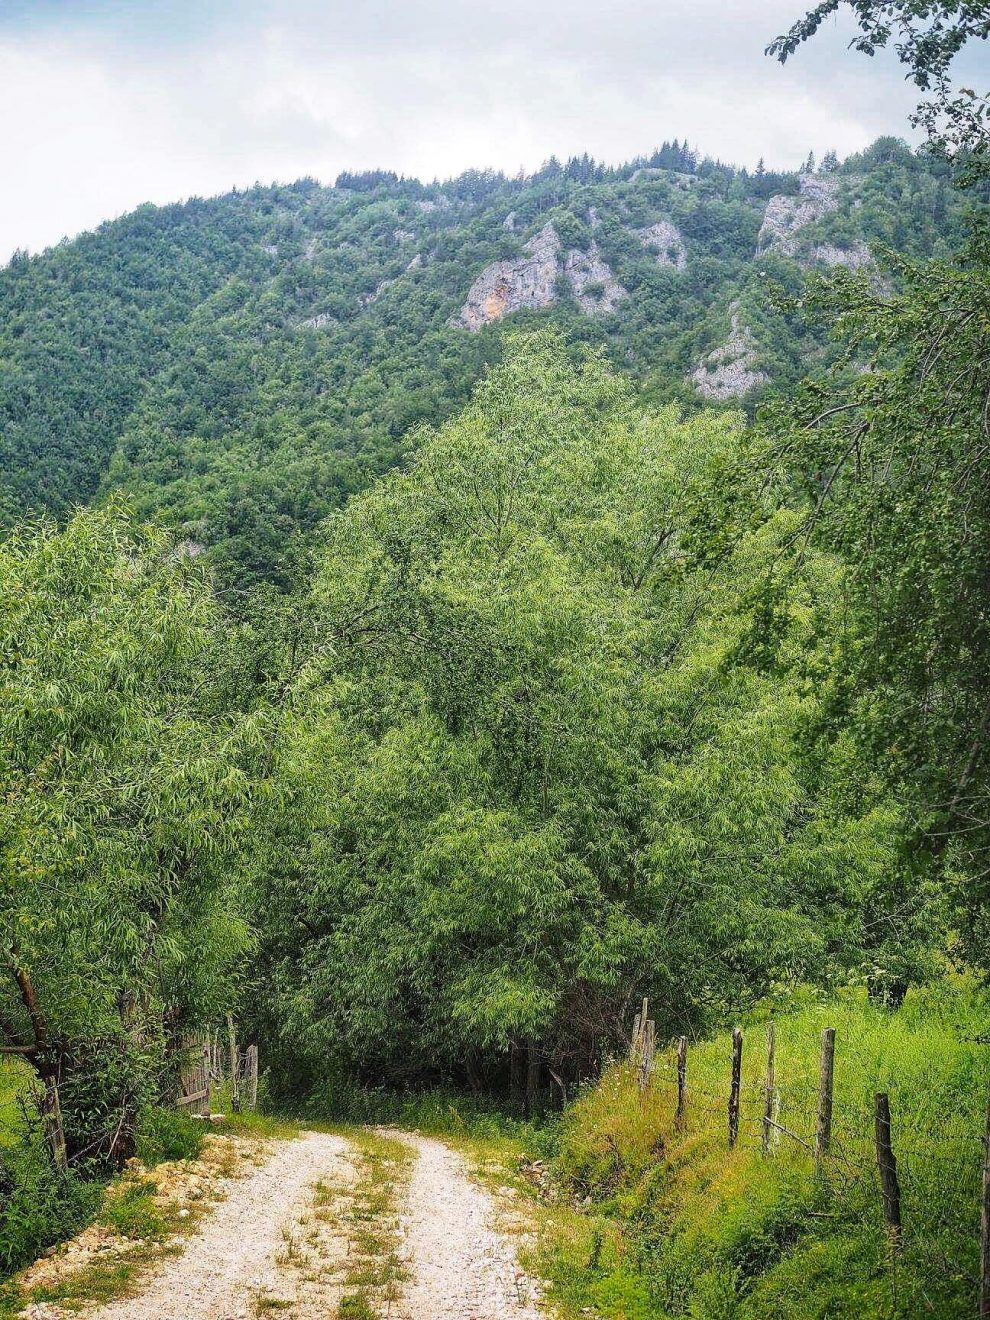 DrelajVillage - 1 dag in Kosovo - Balkan roadtrip - Reizen in Kosovo